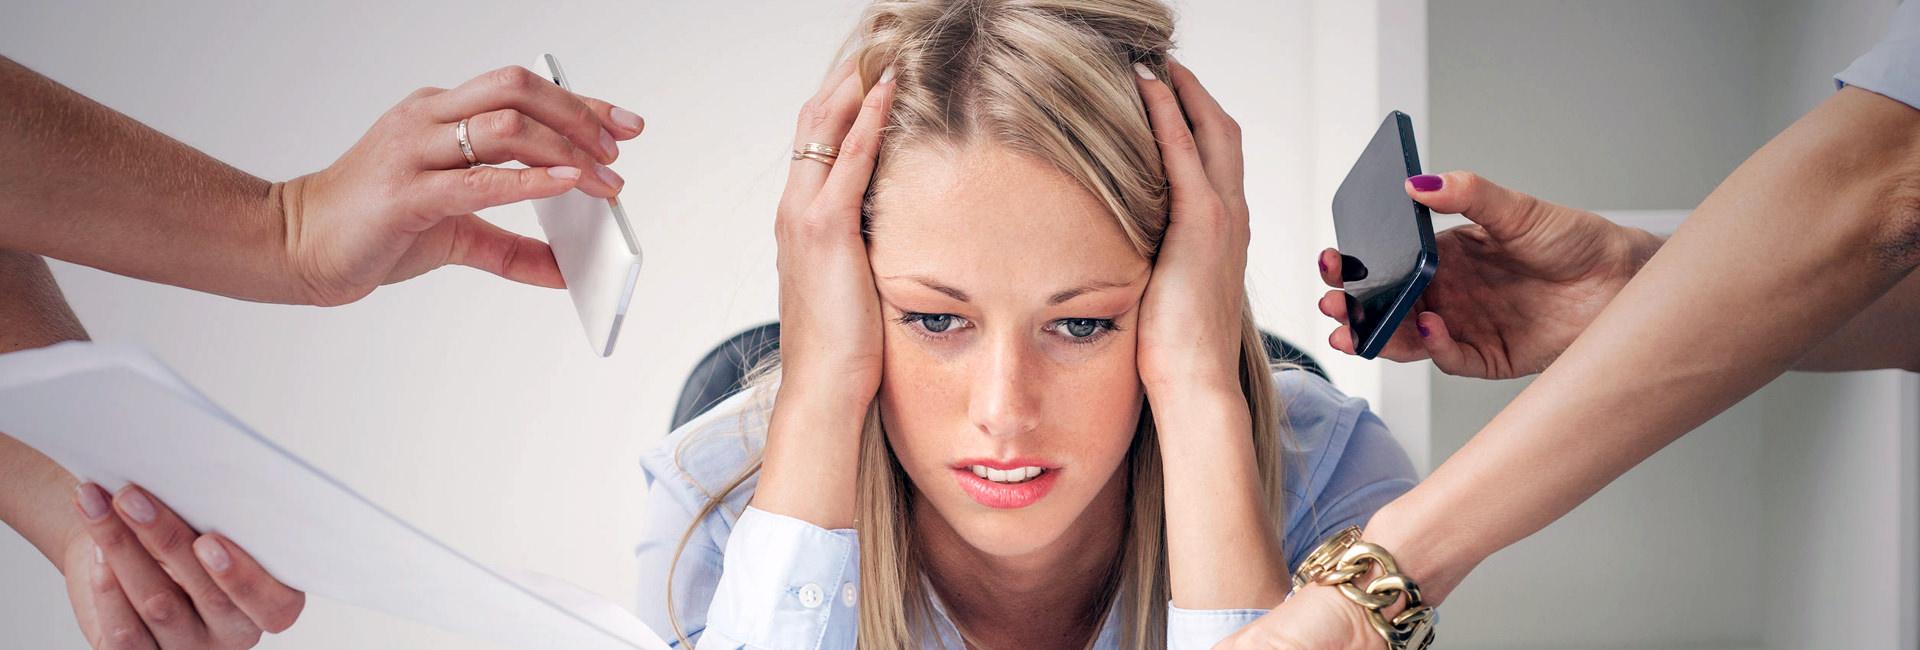 Ist Stress ungesund? Warum Stress auf Dauer krank macht